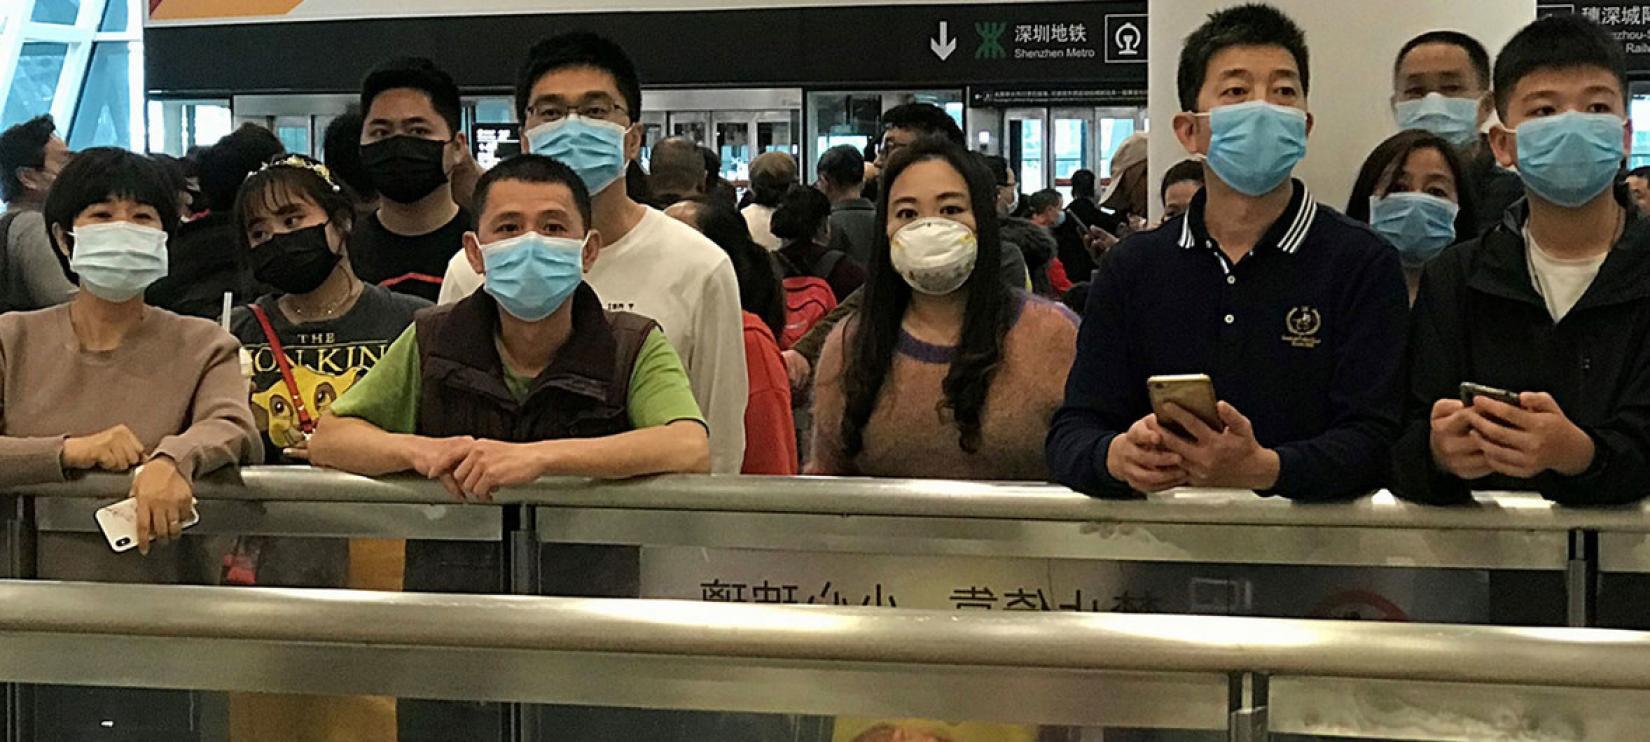 Pessoas usam máscaras enquanto esperam chegadas no Aeroporto Internacional Bao'an em Shenzhen, na China.